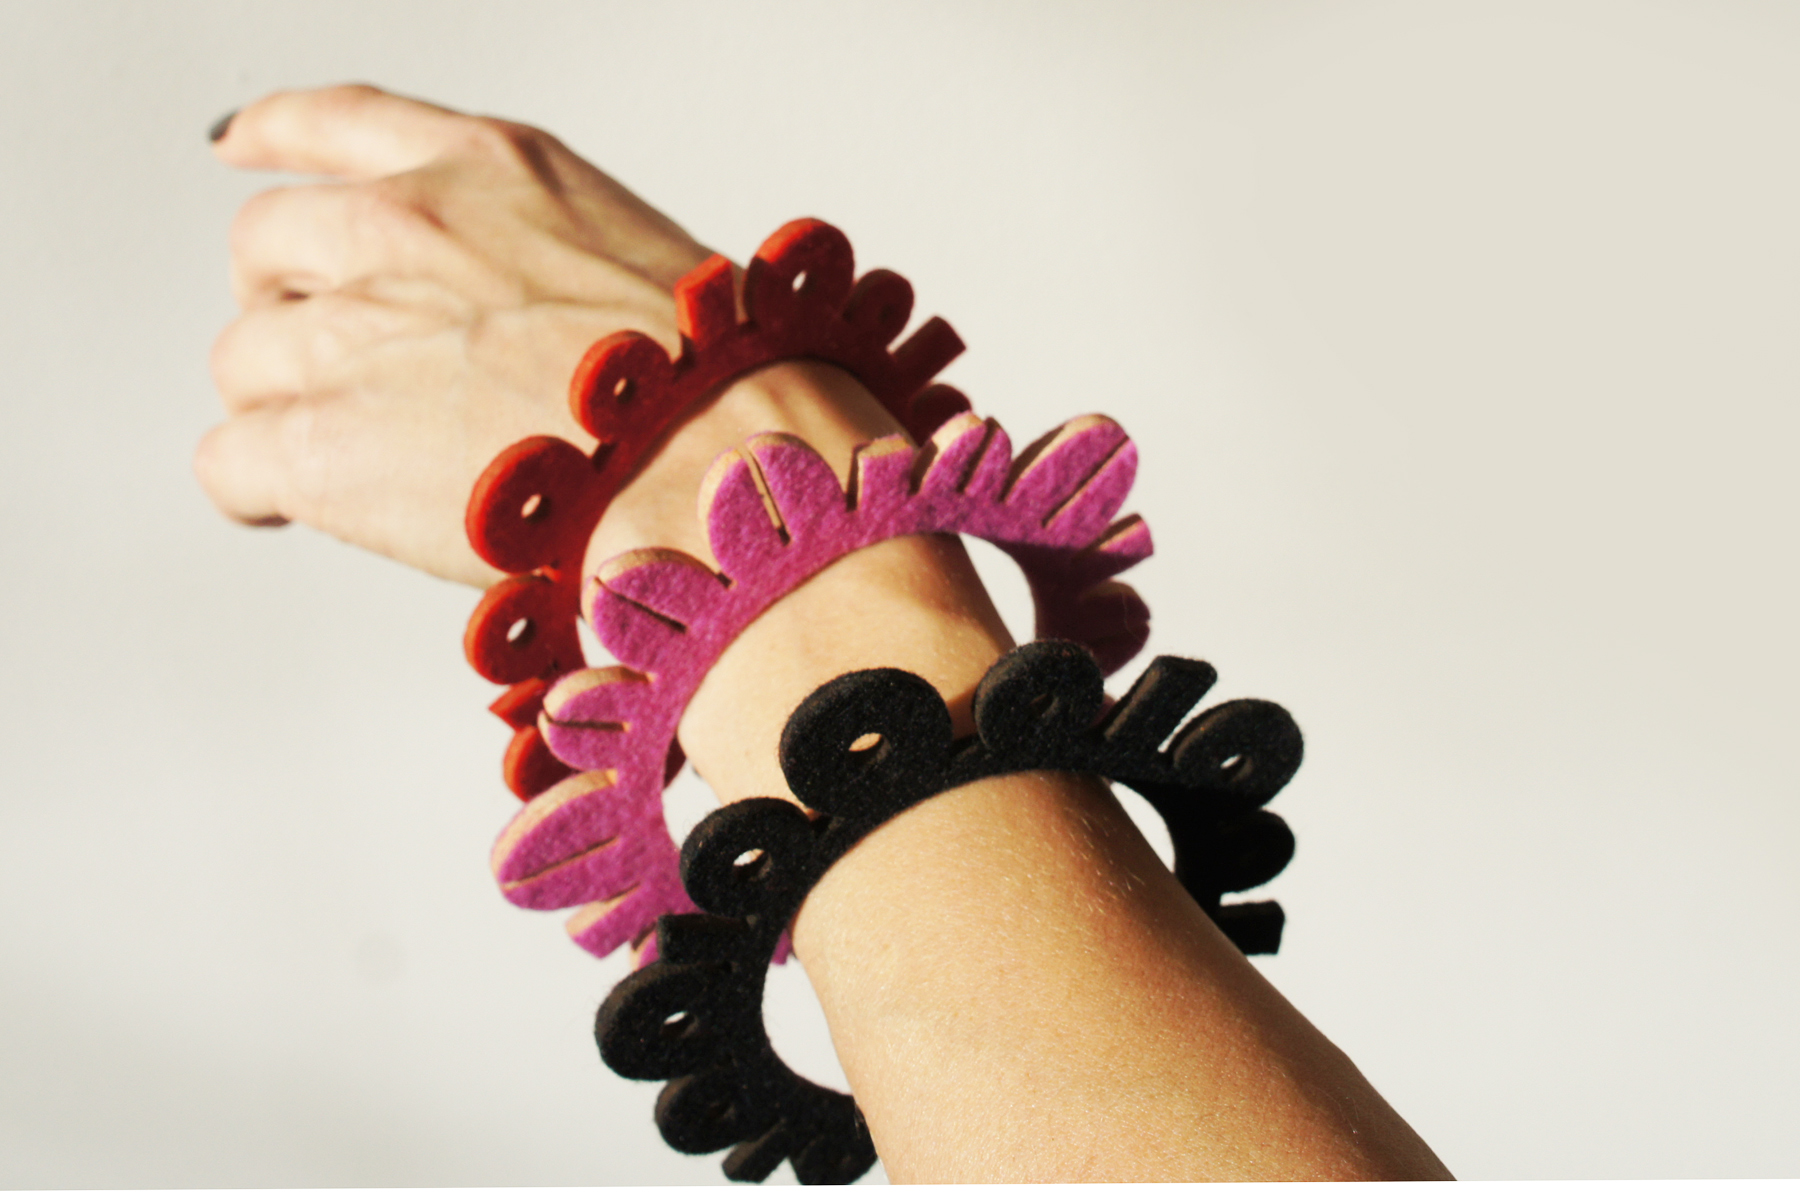 Binary Bracelets Set of 3 on wrist copy.jpg